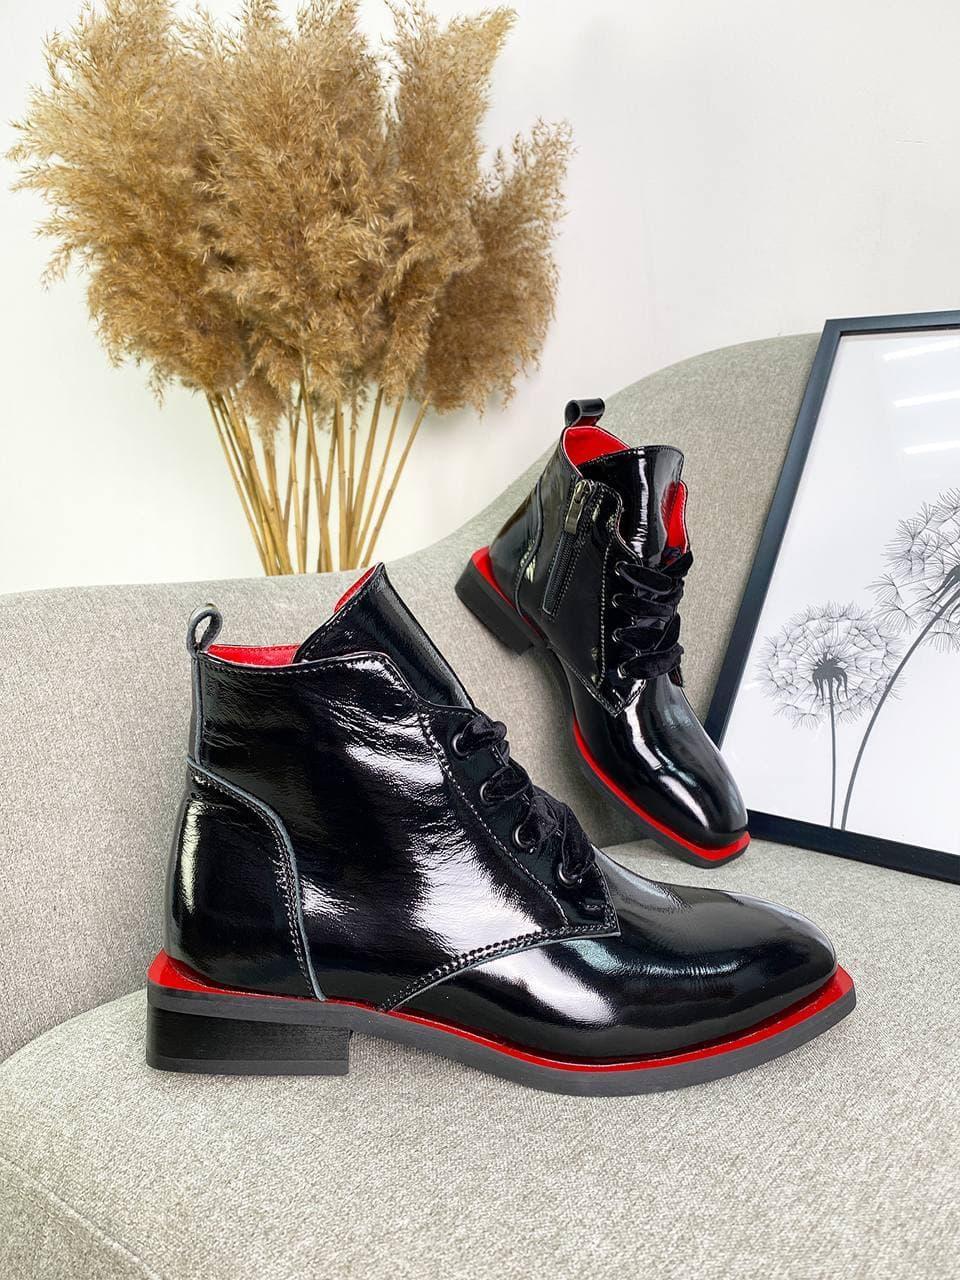 Женские кожаные лаковые демисезонные ботинки 36-40 р чёрный